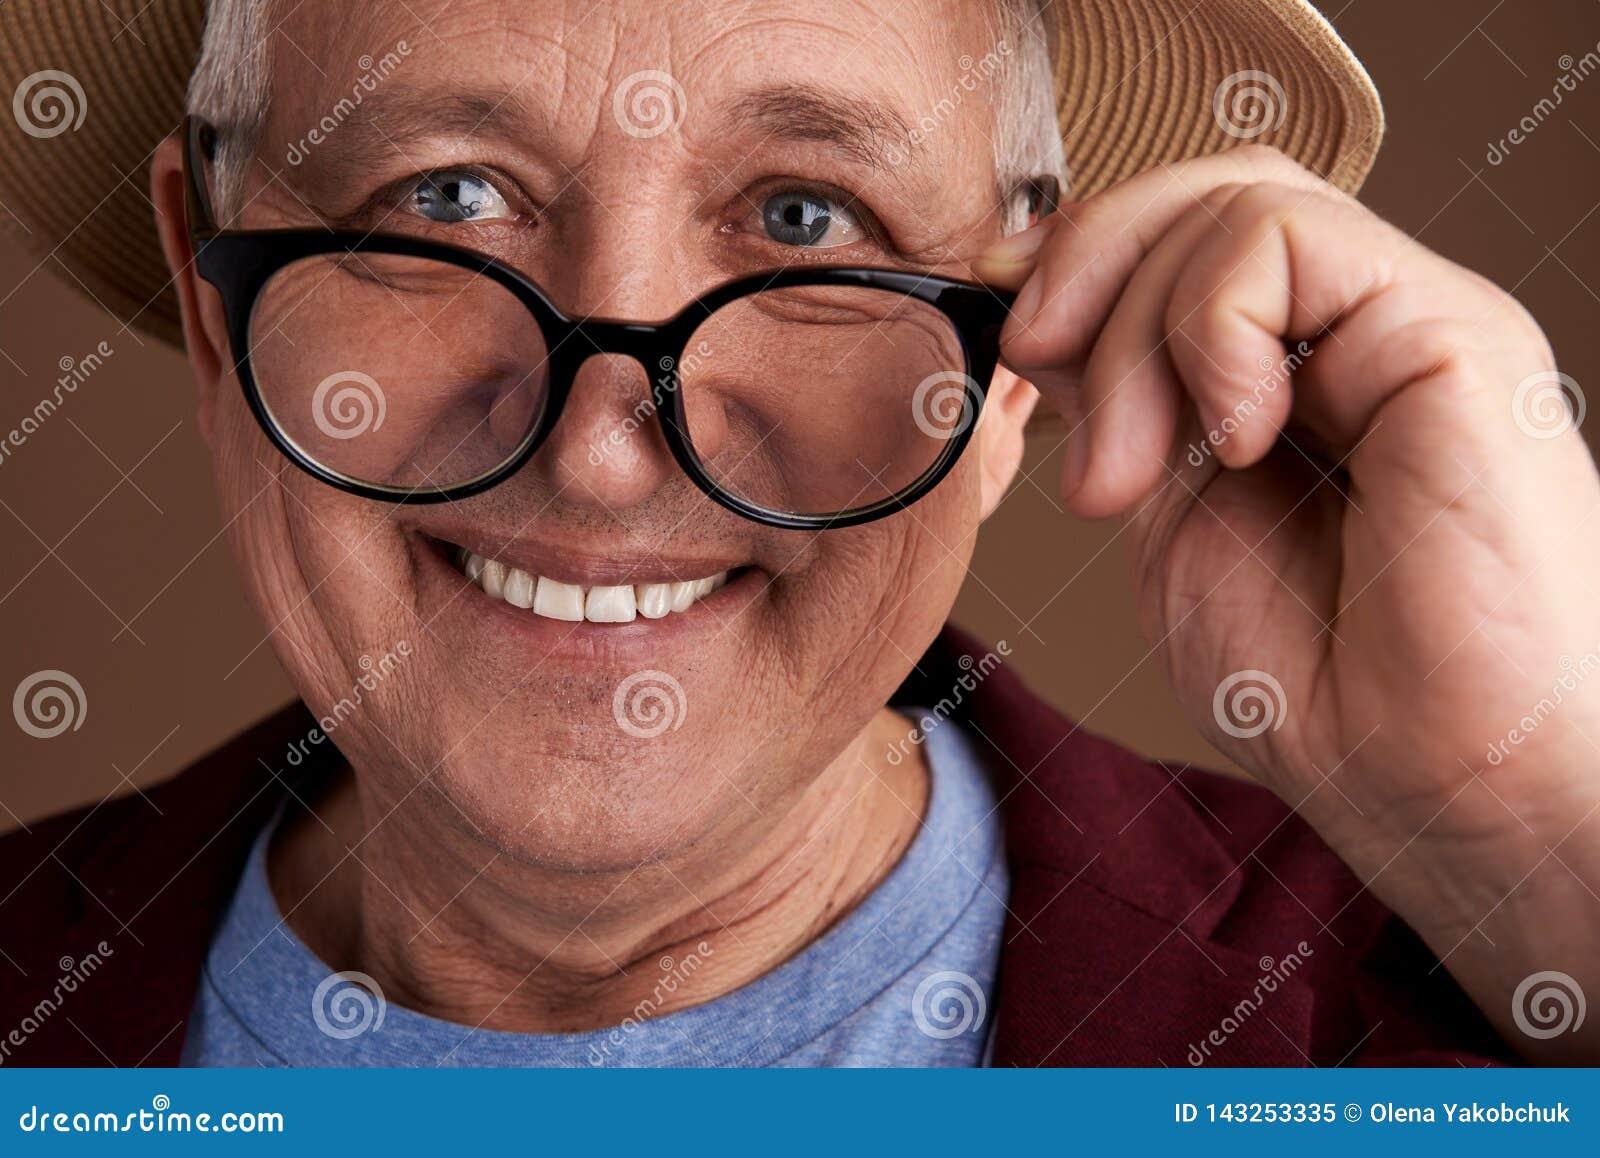 Θετικό άτομο που φορά τα γυαλιά και που χαμογελά ενώ σχετικά με τους